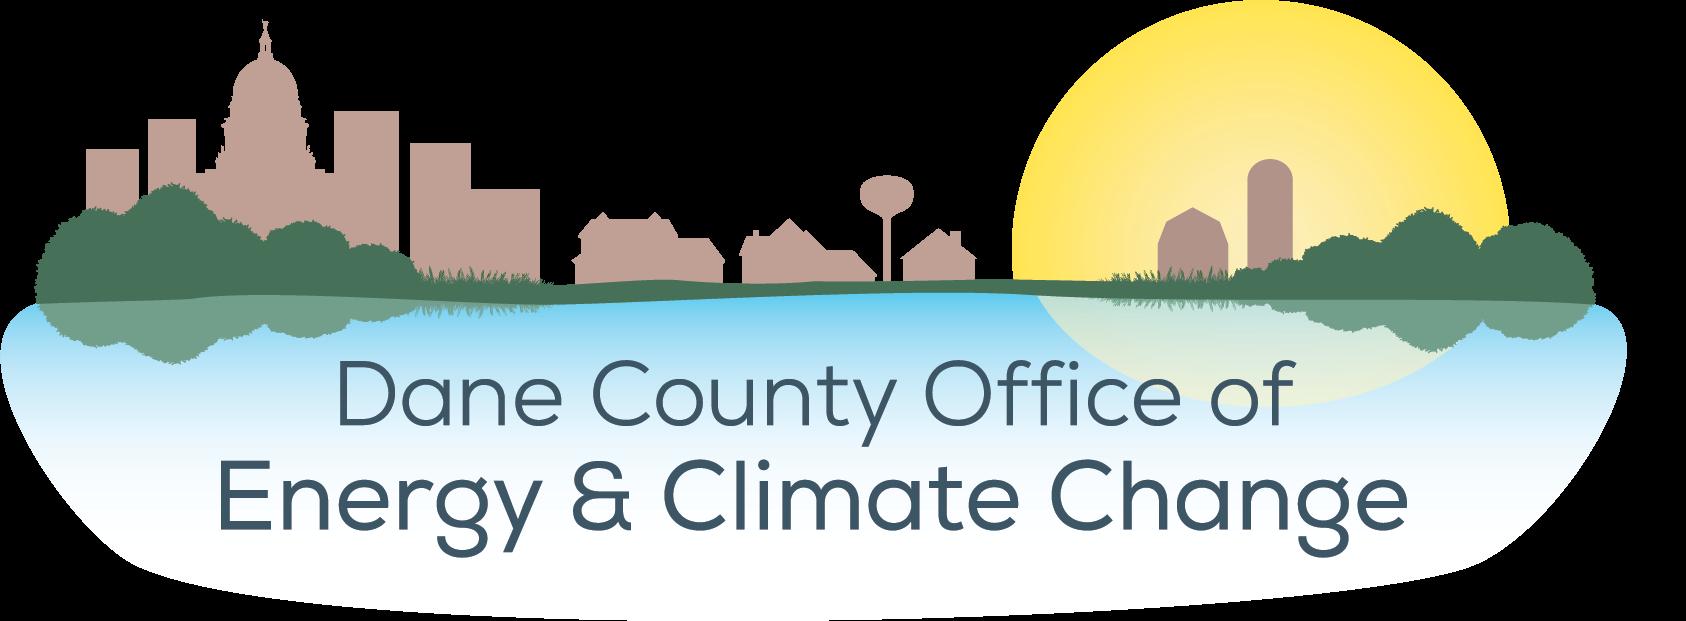 OECC logo